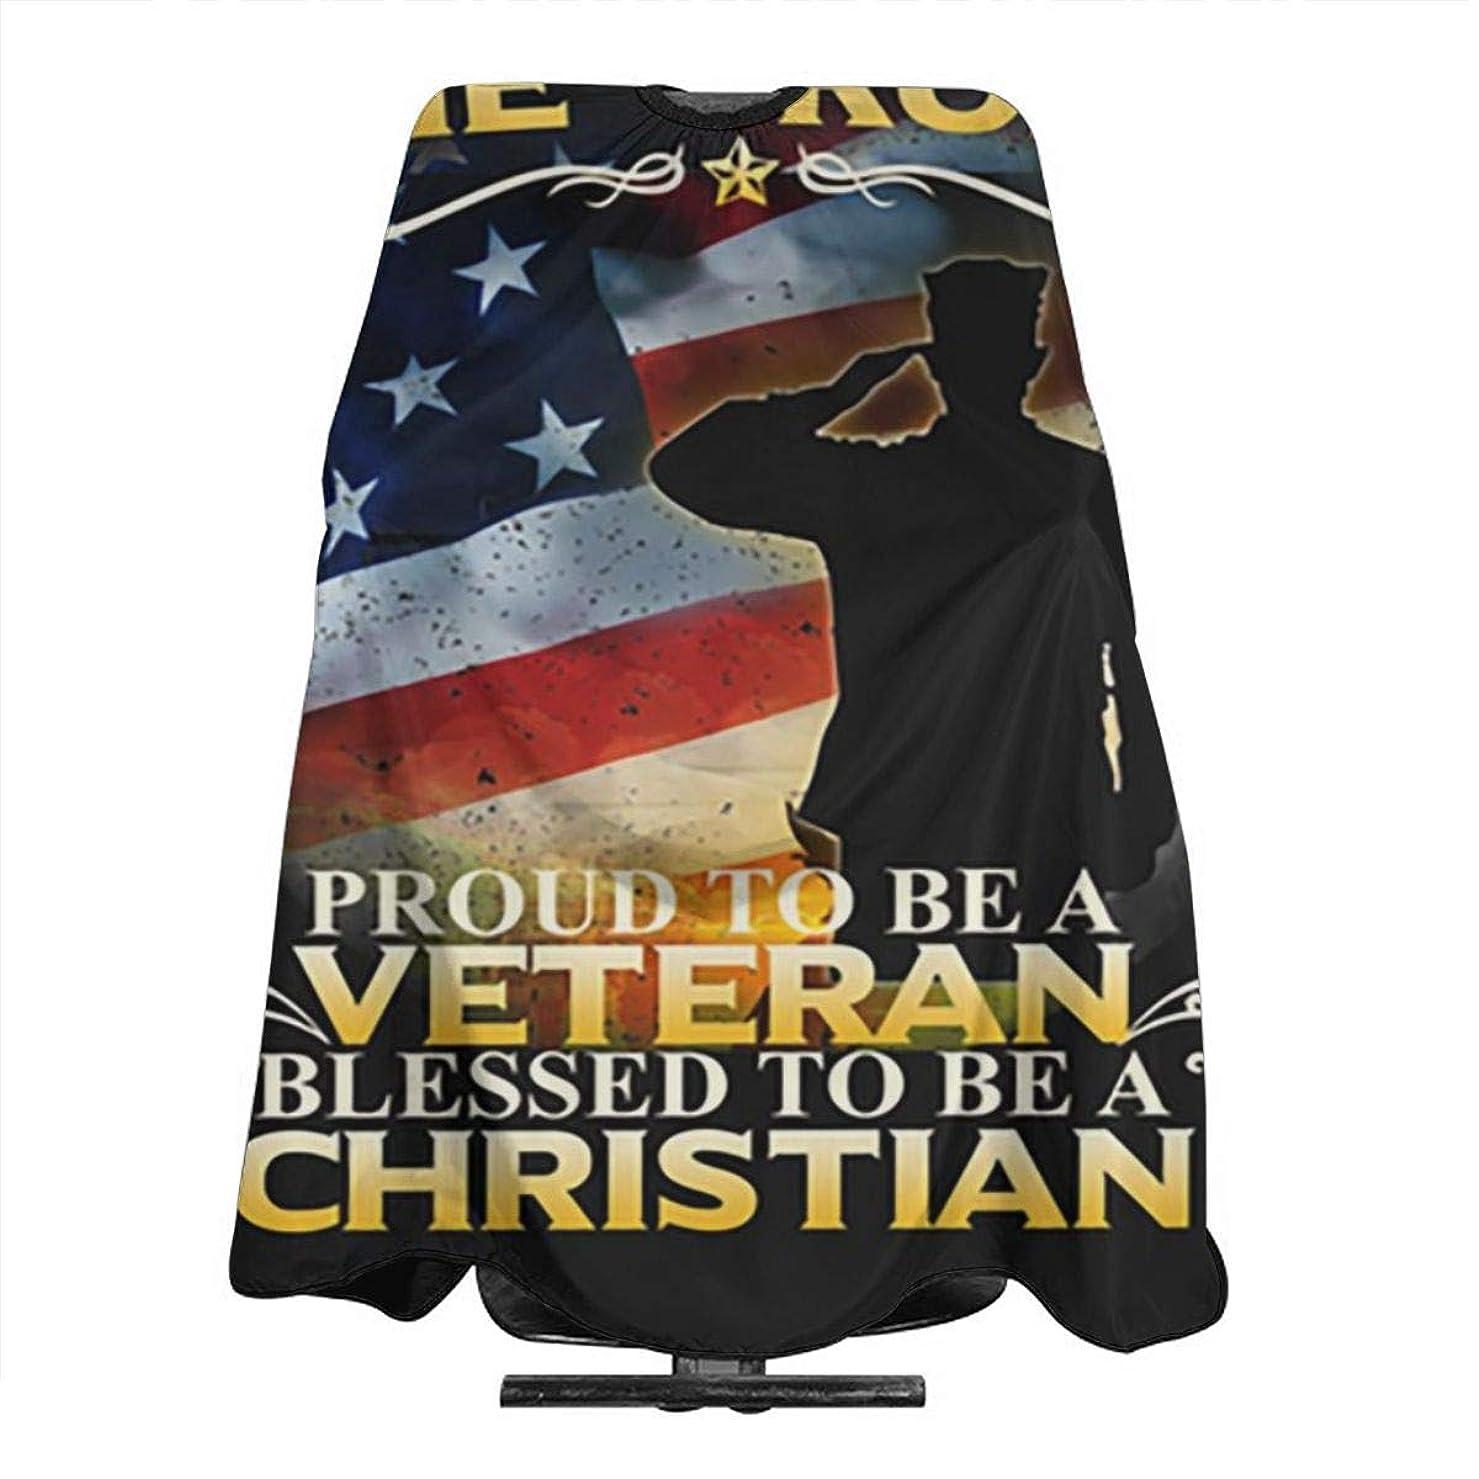 人気のエプロン 散髪エプロン140×168cm クリスマスI Kneel For The Cross Christian Veteran 家庭用、美容院、ヘアスタイリスト、DIYプロジェクト、個人的および職業的使用 散髪、エプロン